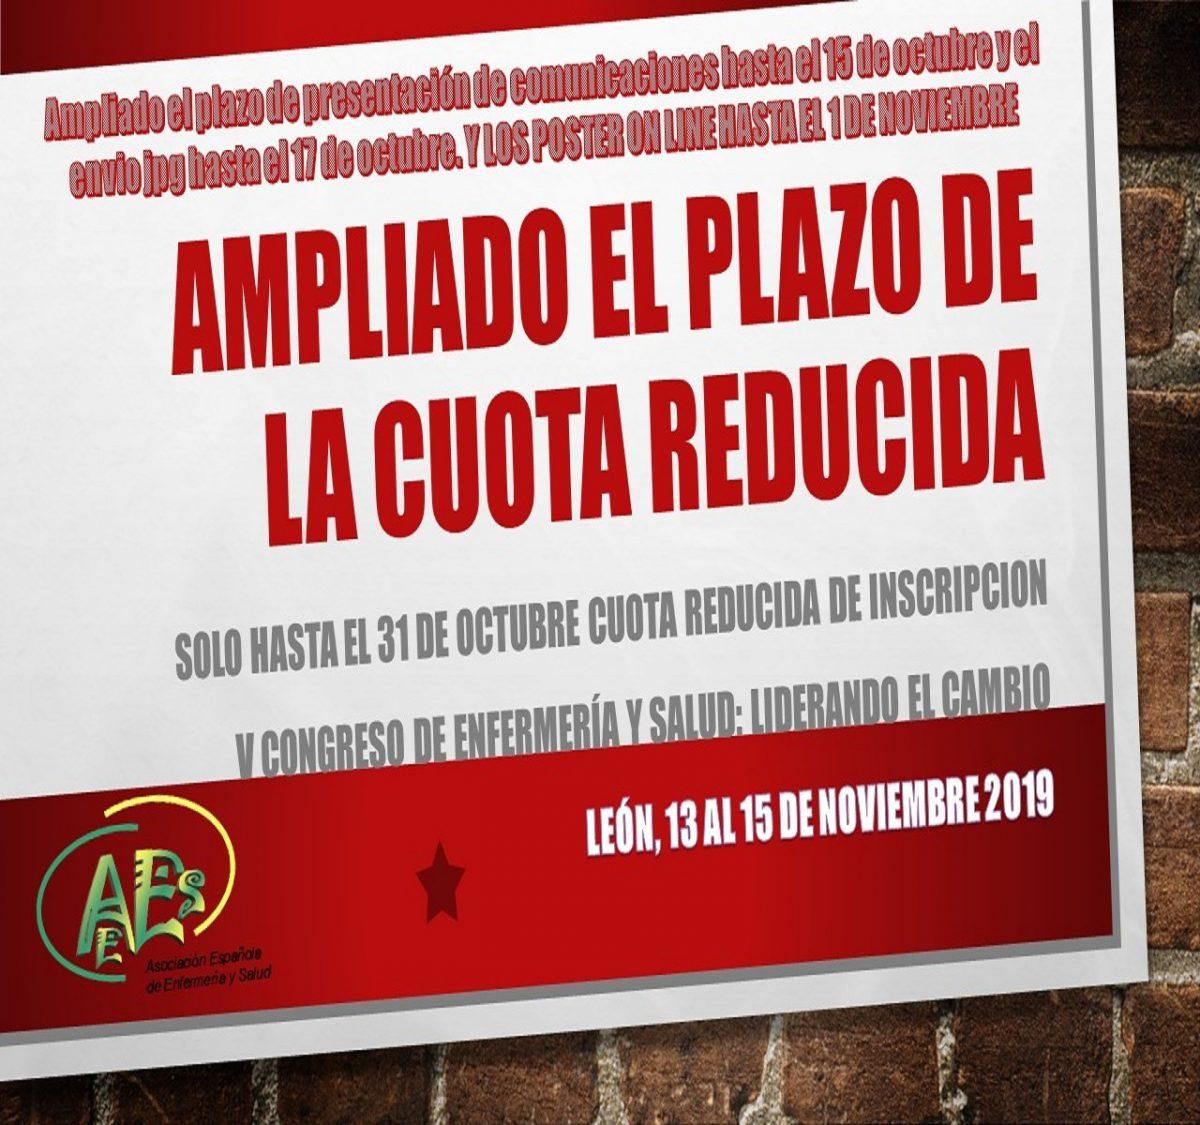 AMPLIADOS LOS PLAZOS DEL V CONGRESO DE ENFERMERIA Y SALUD: LIDERANDO EL CAMBIO